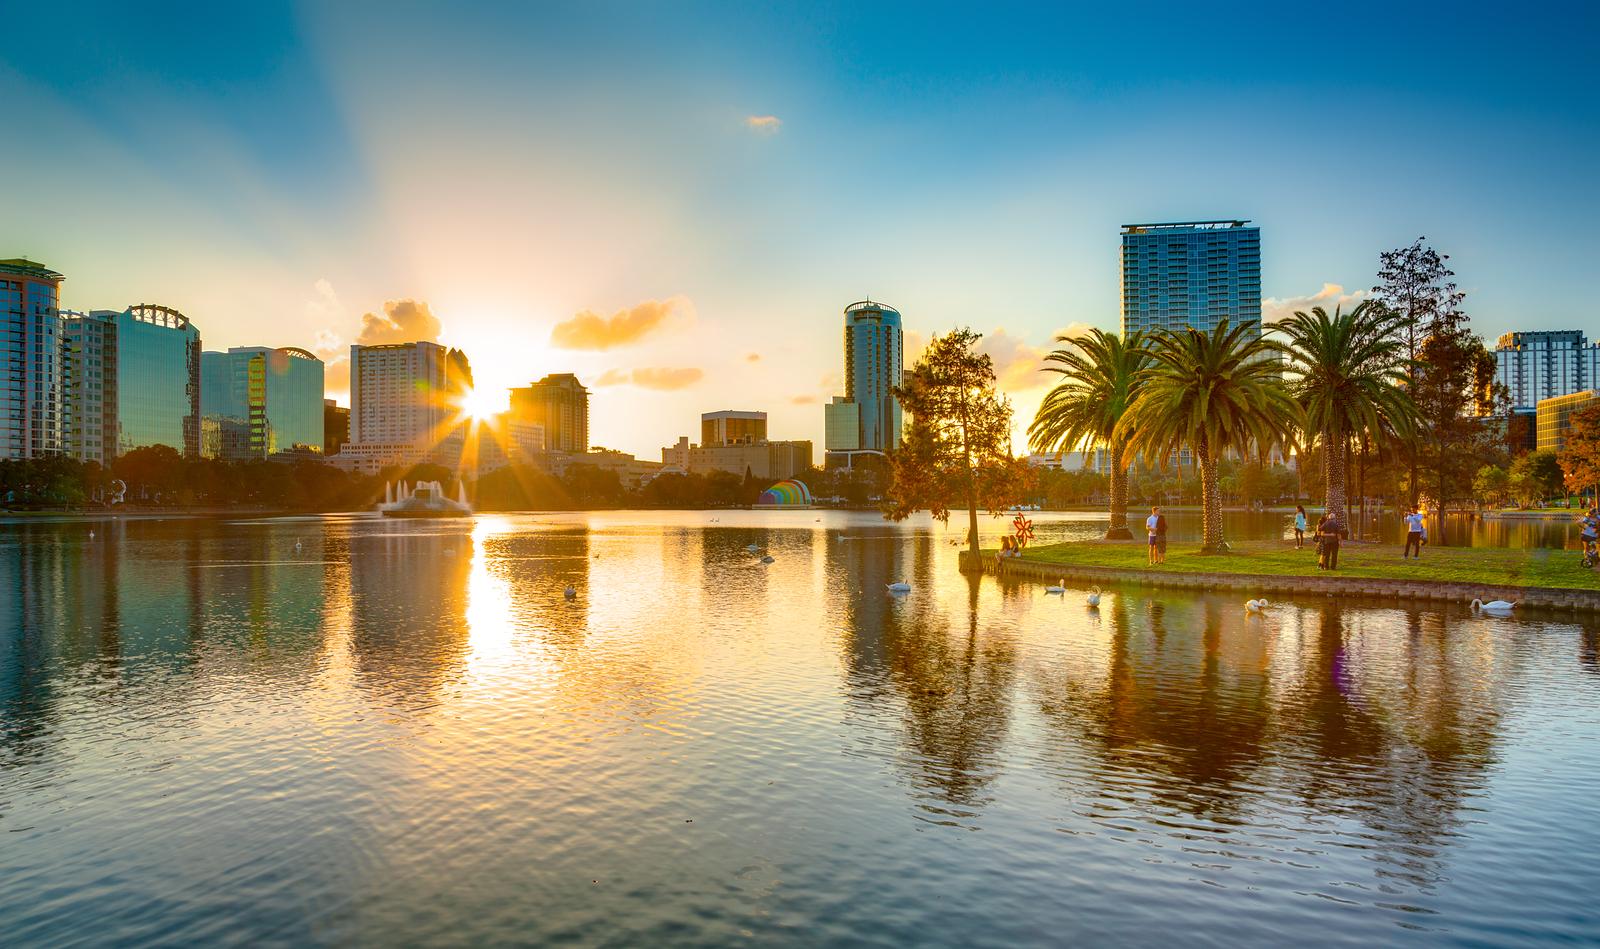 Casas Baratas Na Flórida: O Imóvel Ideal Para Você